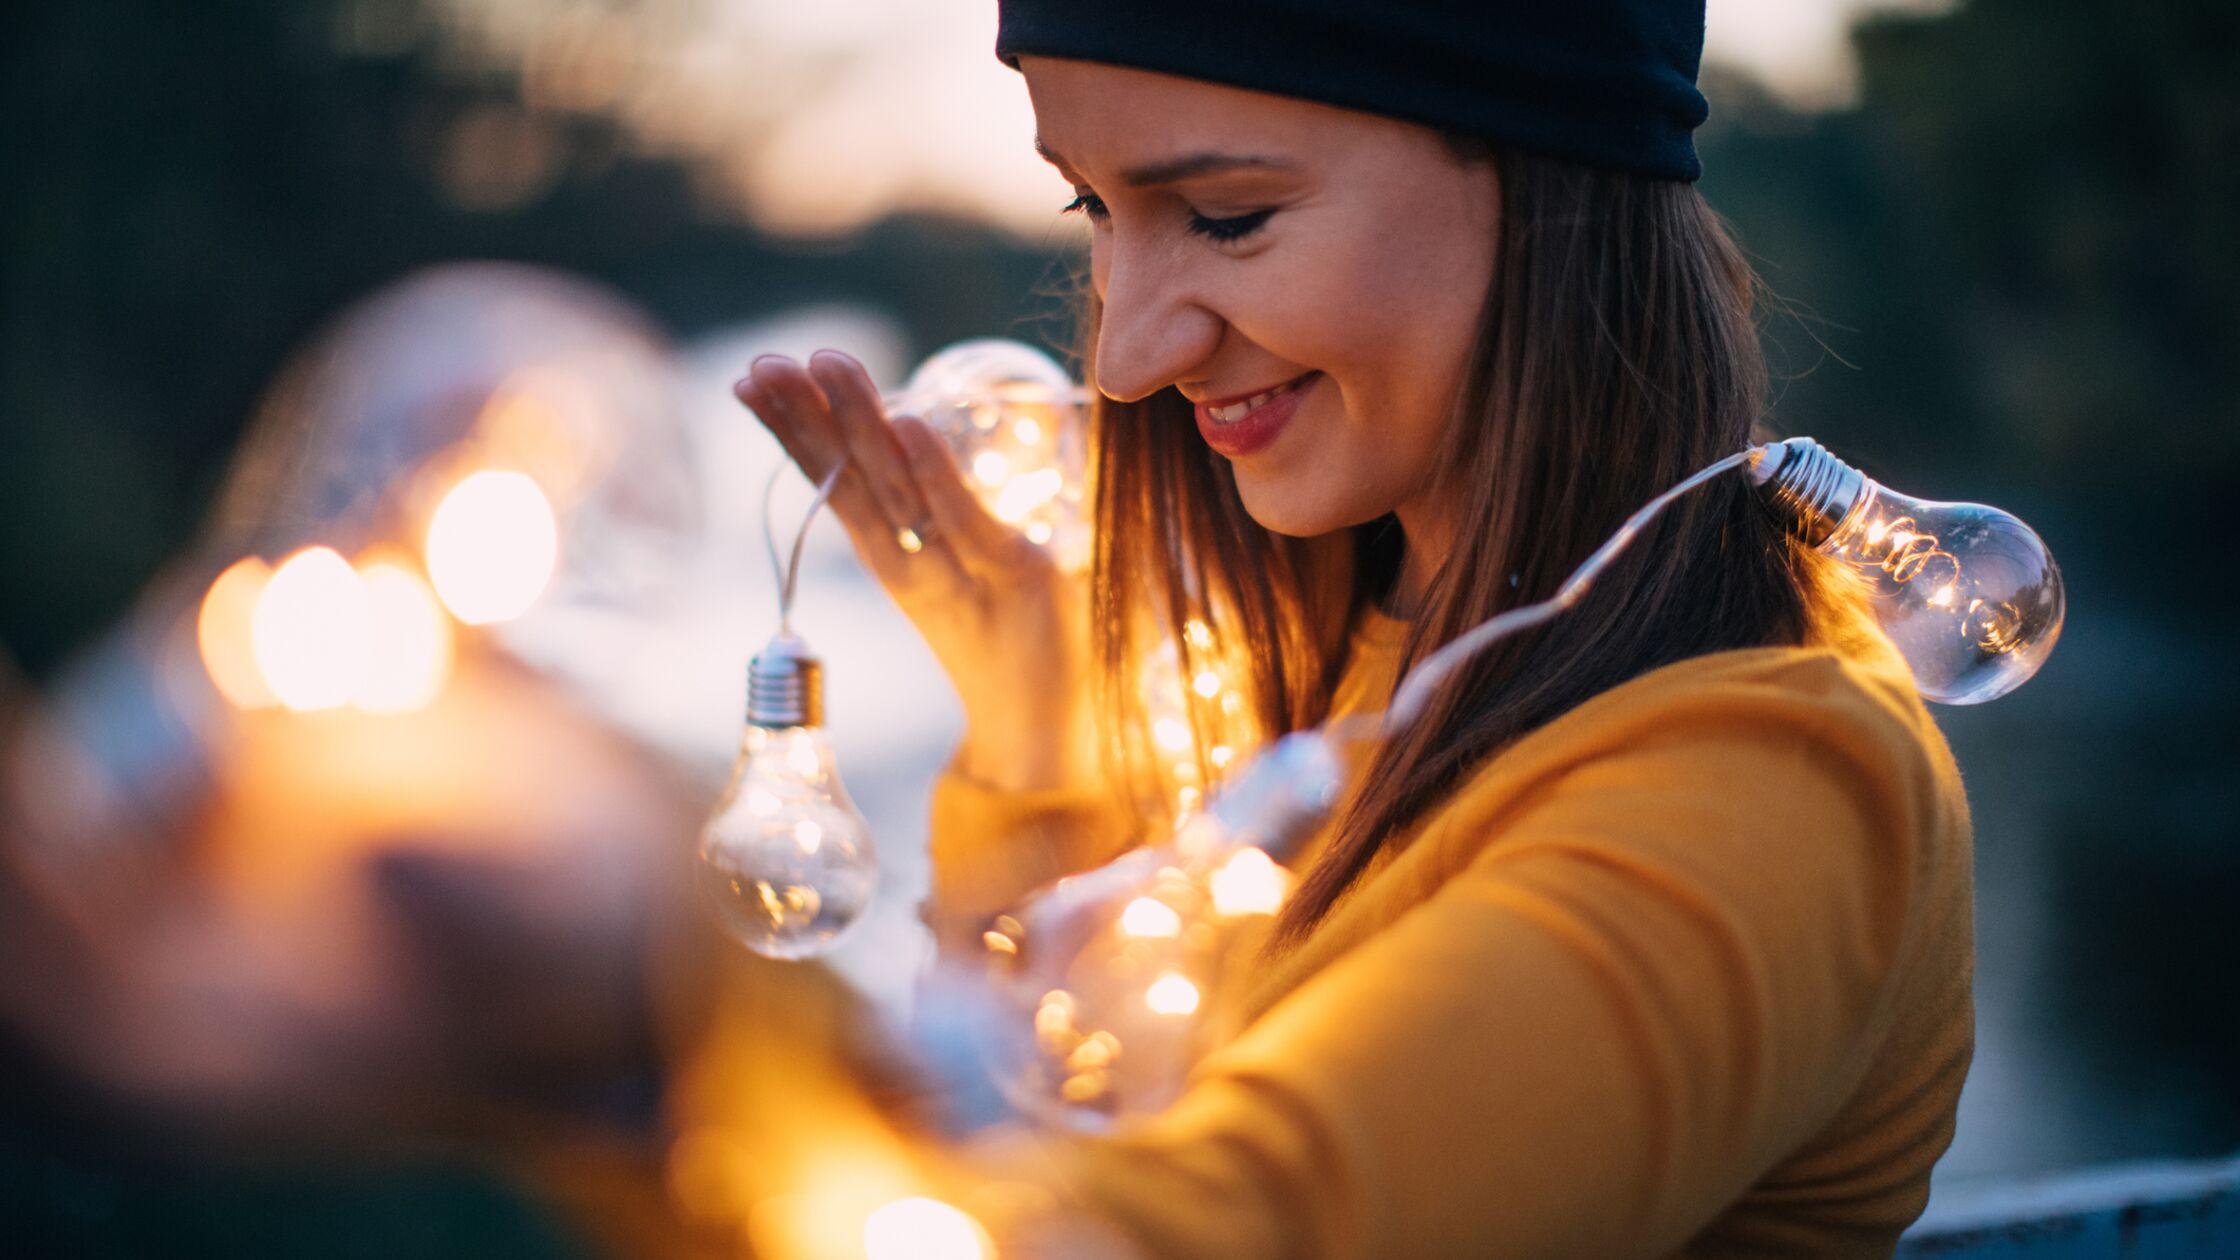 Strom ummelden: Nehmen Sie Ihren alten Vertrag mit ins neue Heim